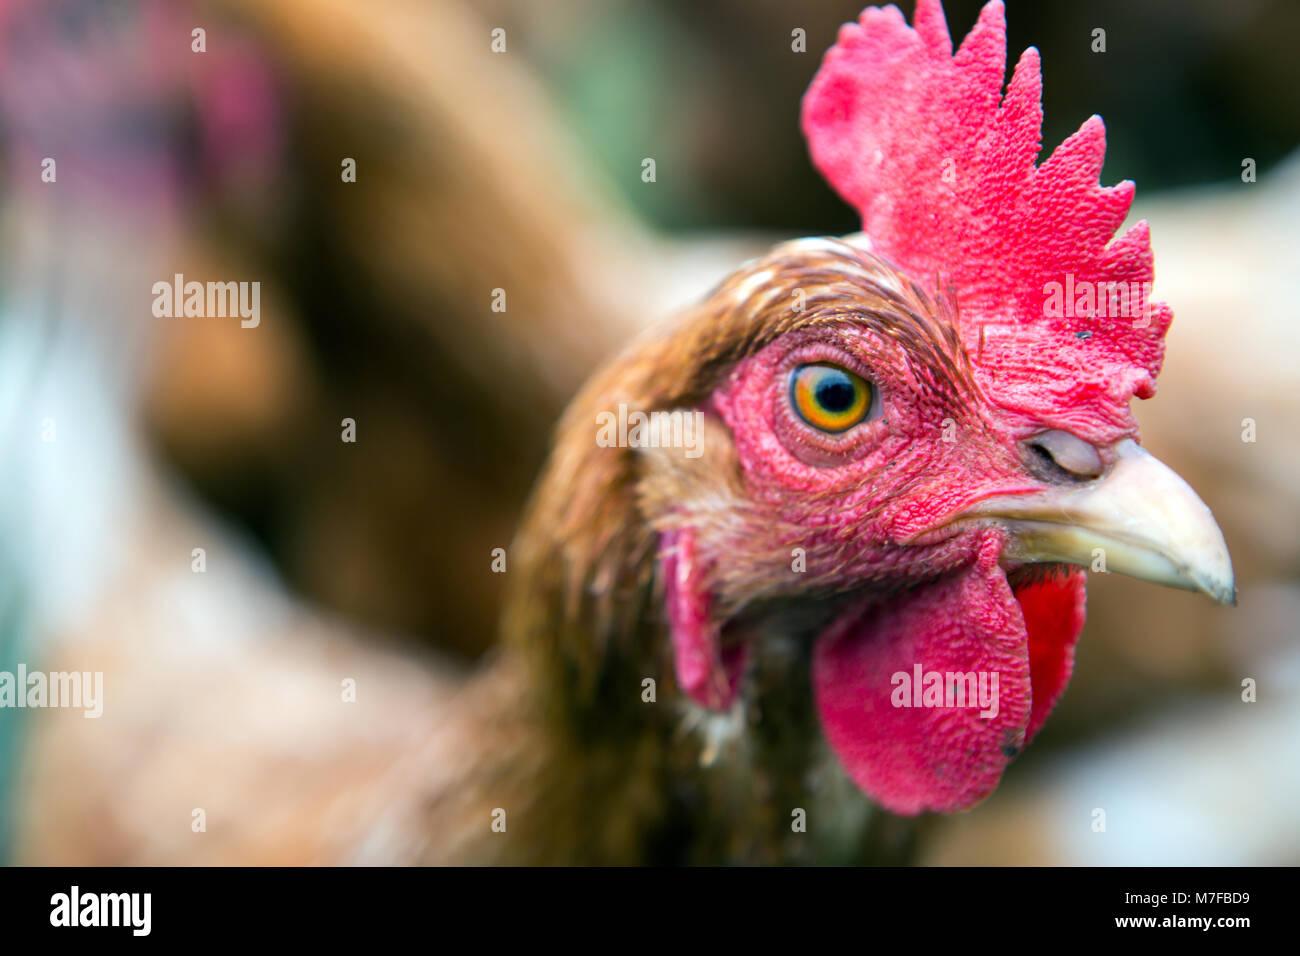 Pollo su una fattoria con un cane cercando dopo di loro Immagini Stock